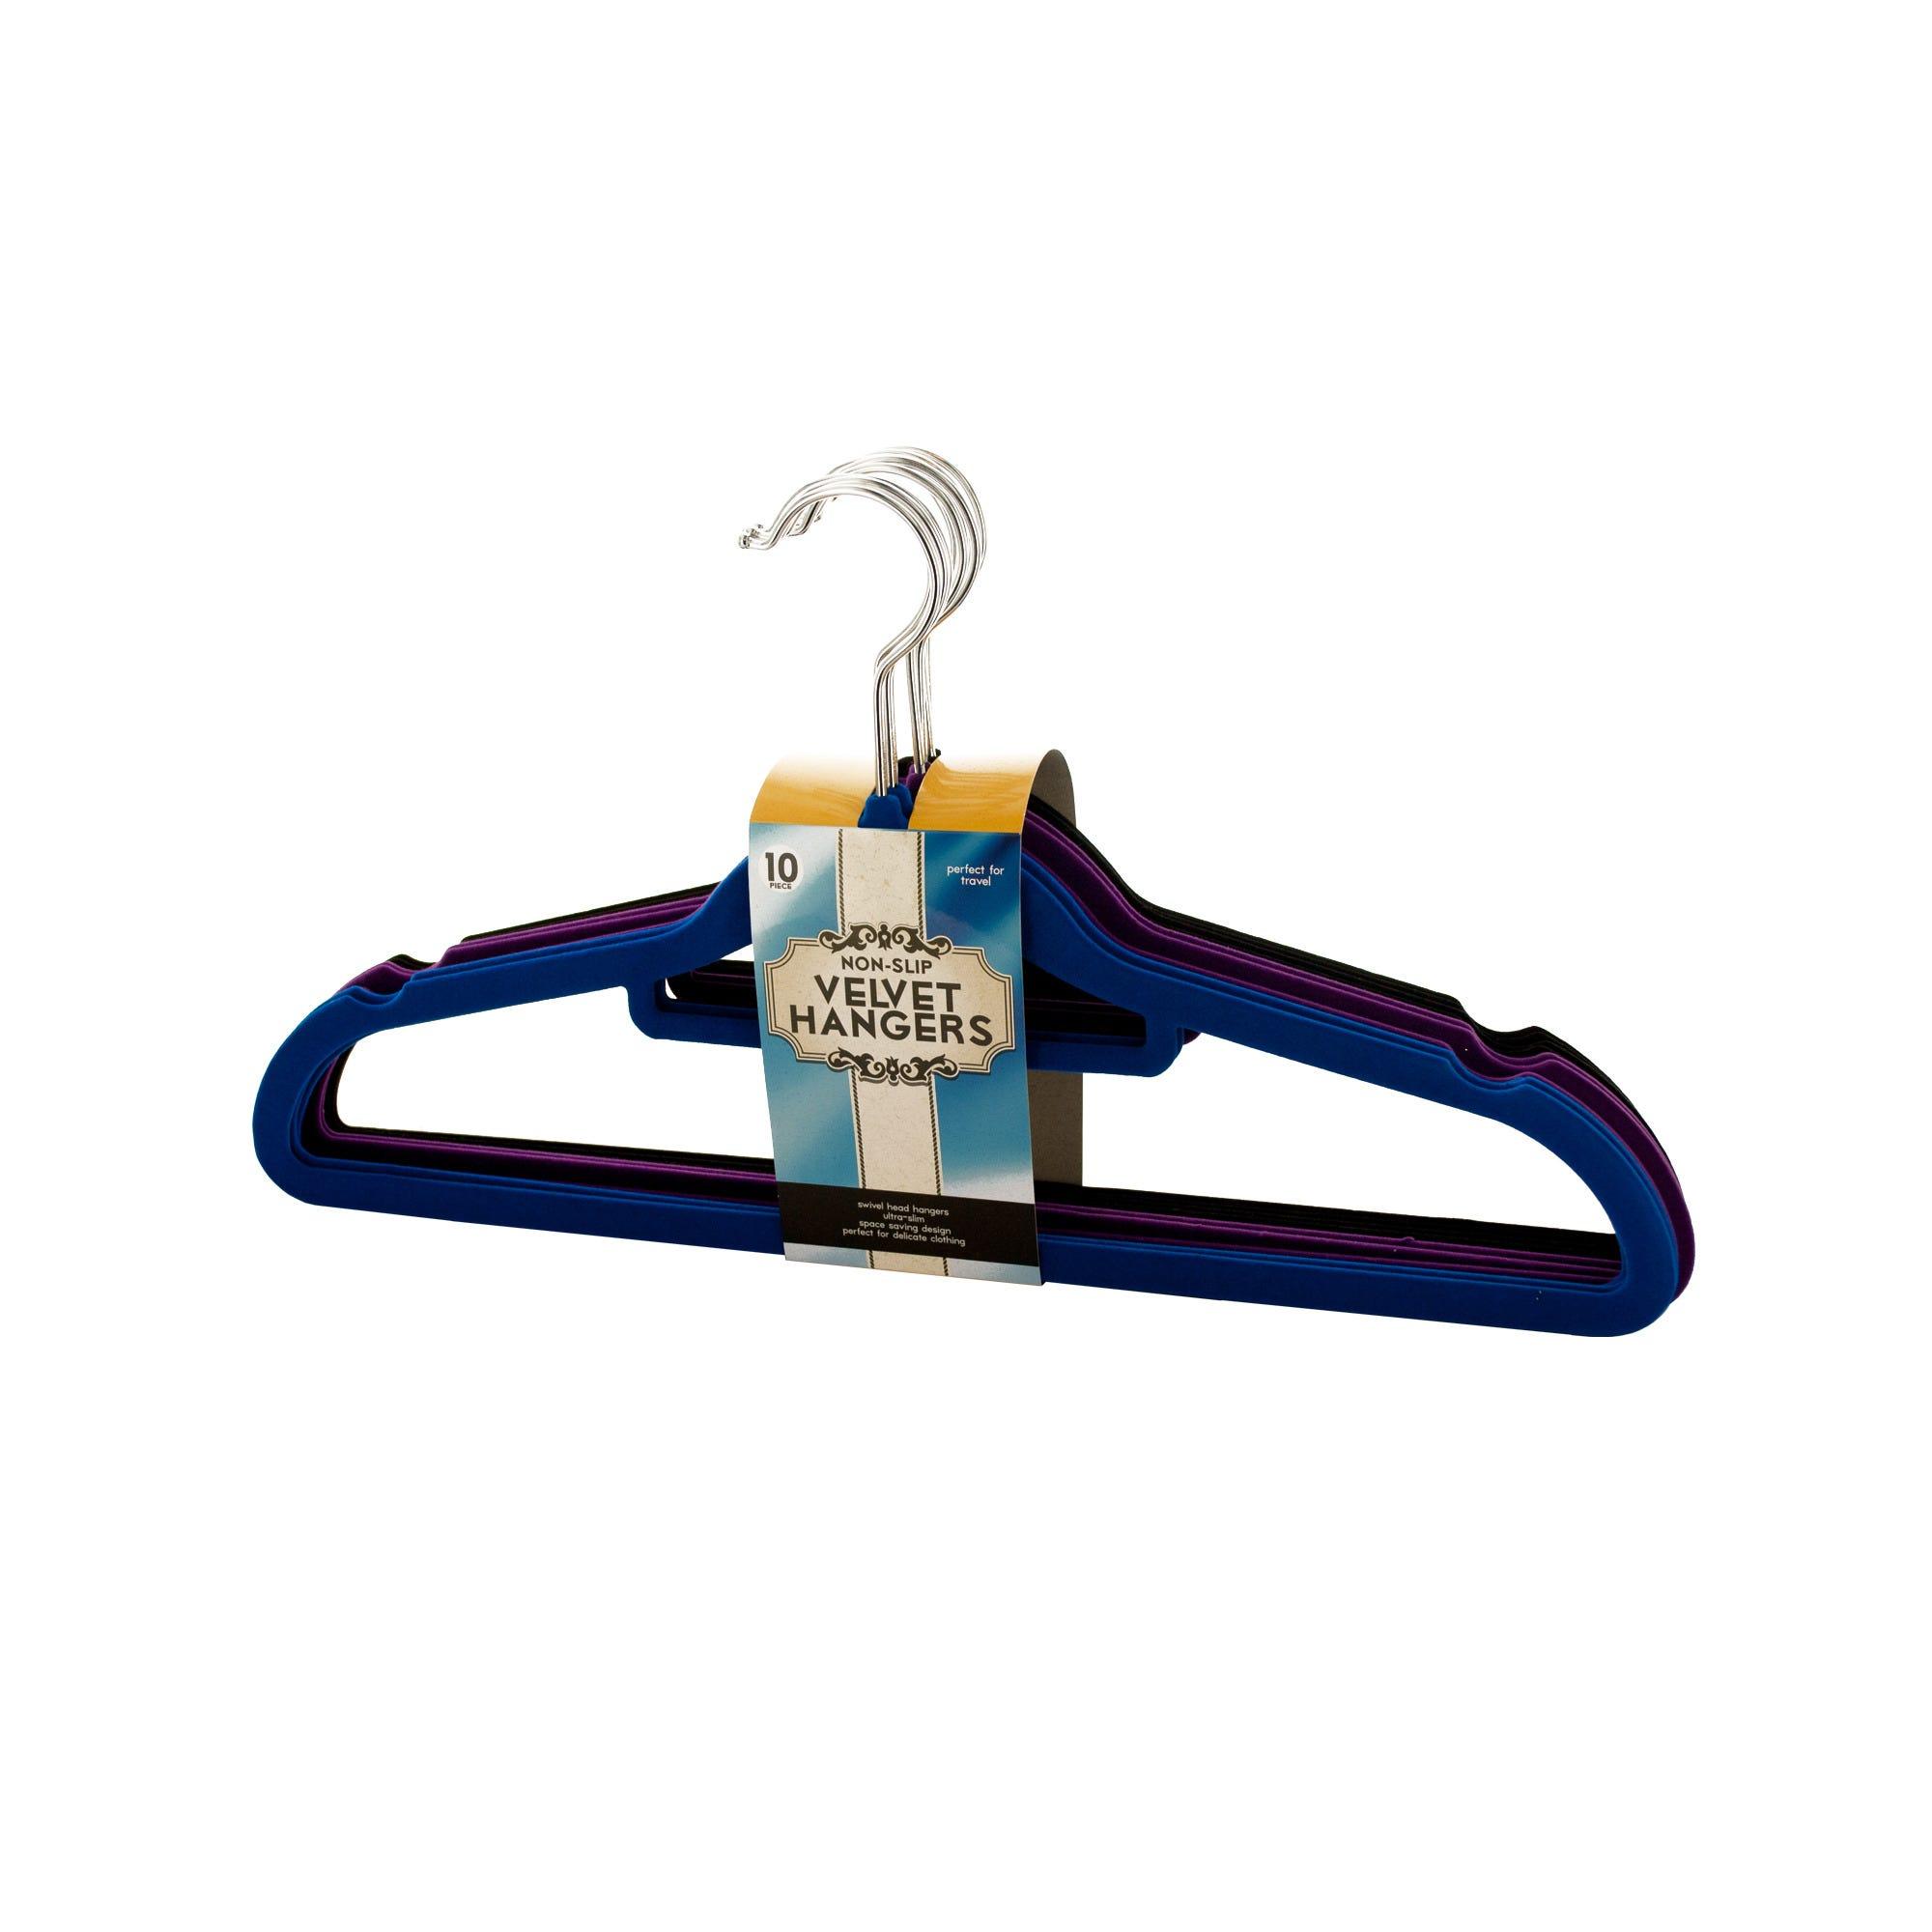 non-slip-velvet-hangers